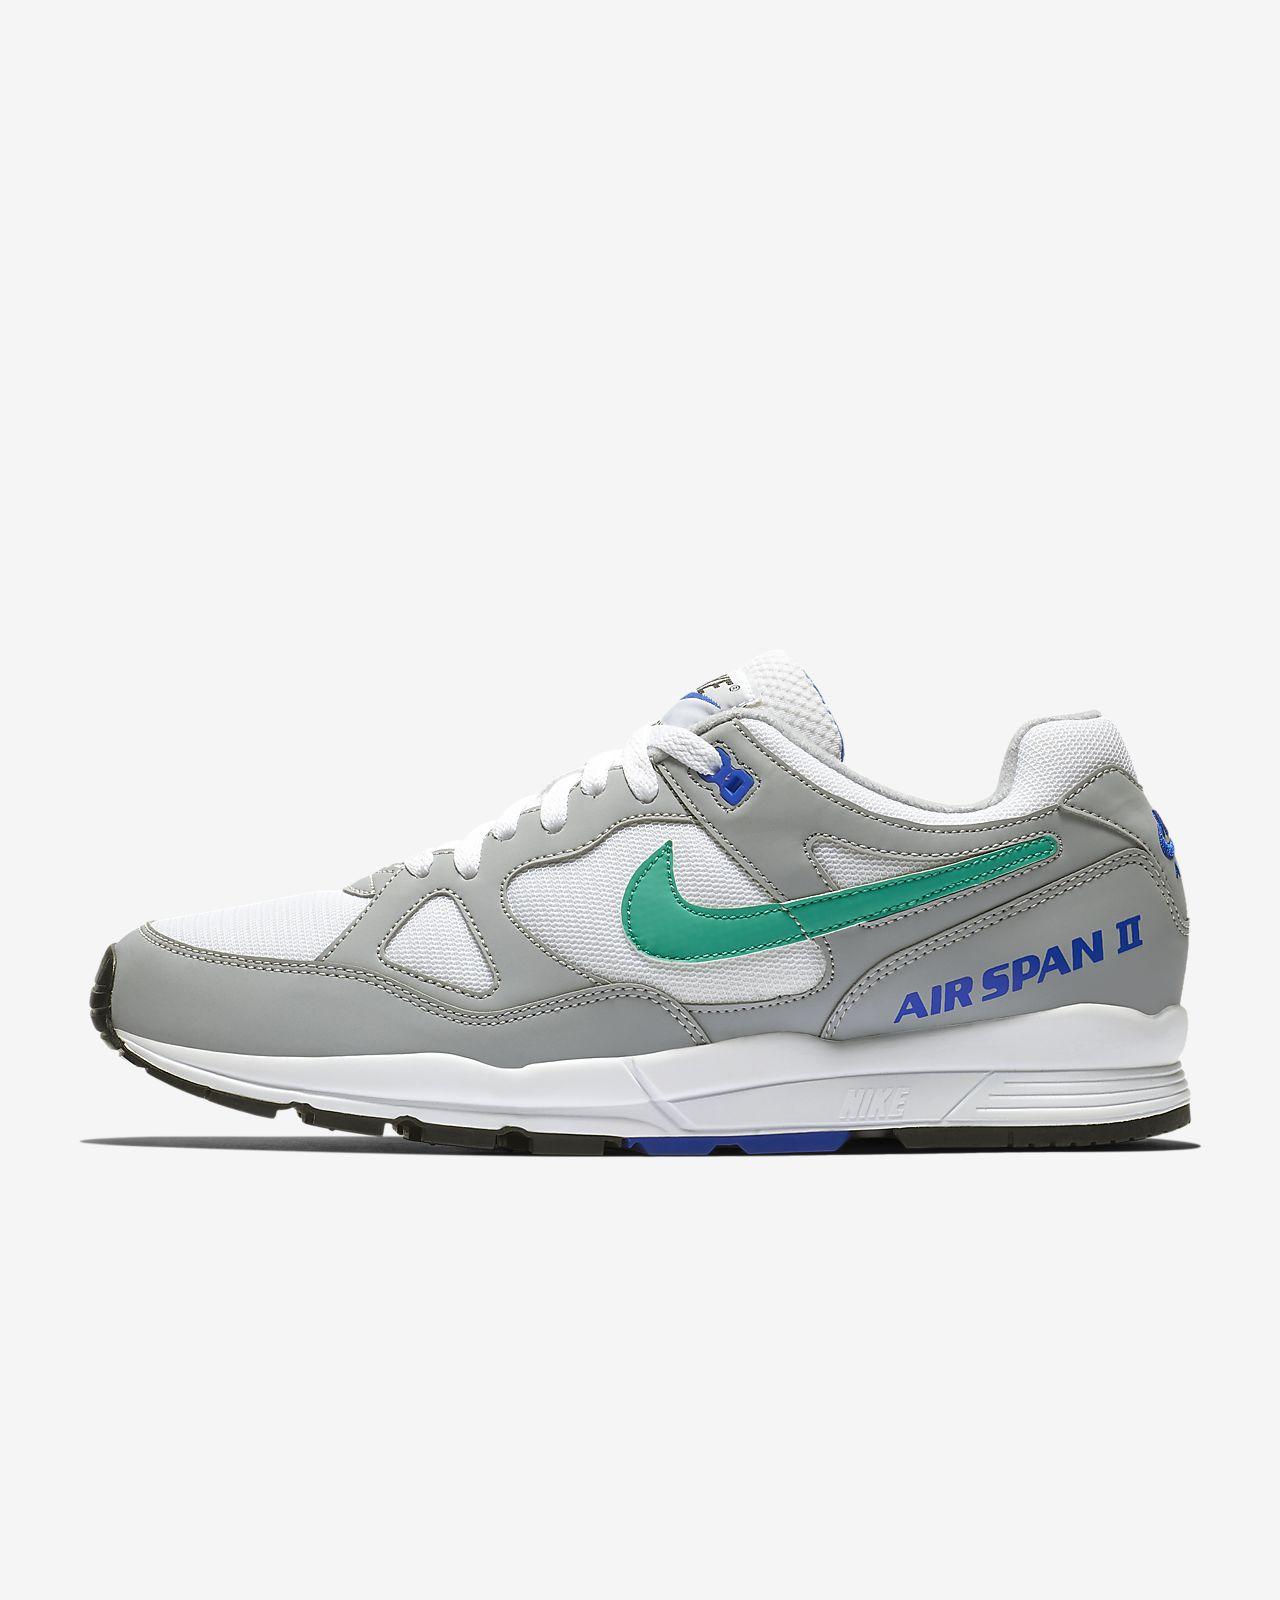 online retailer 28e2c 11488 ... Nike Air Span II Zapatillas - Hombre